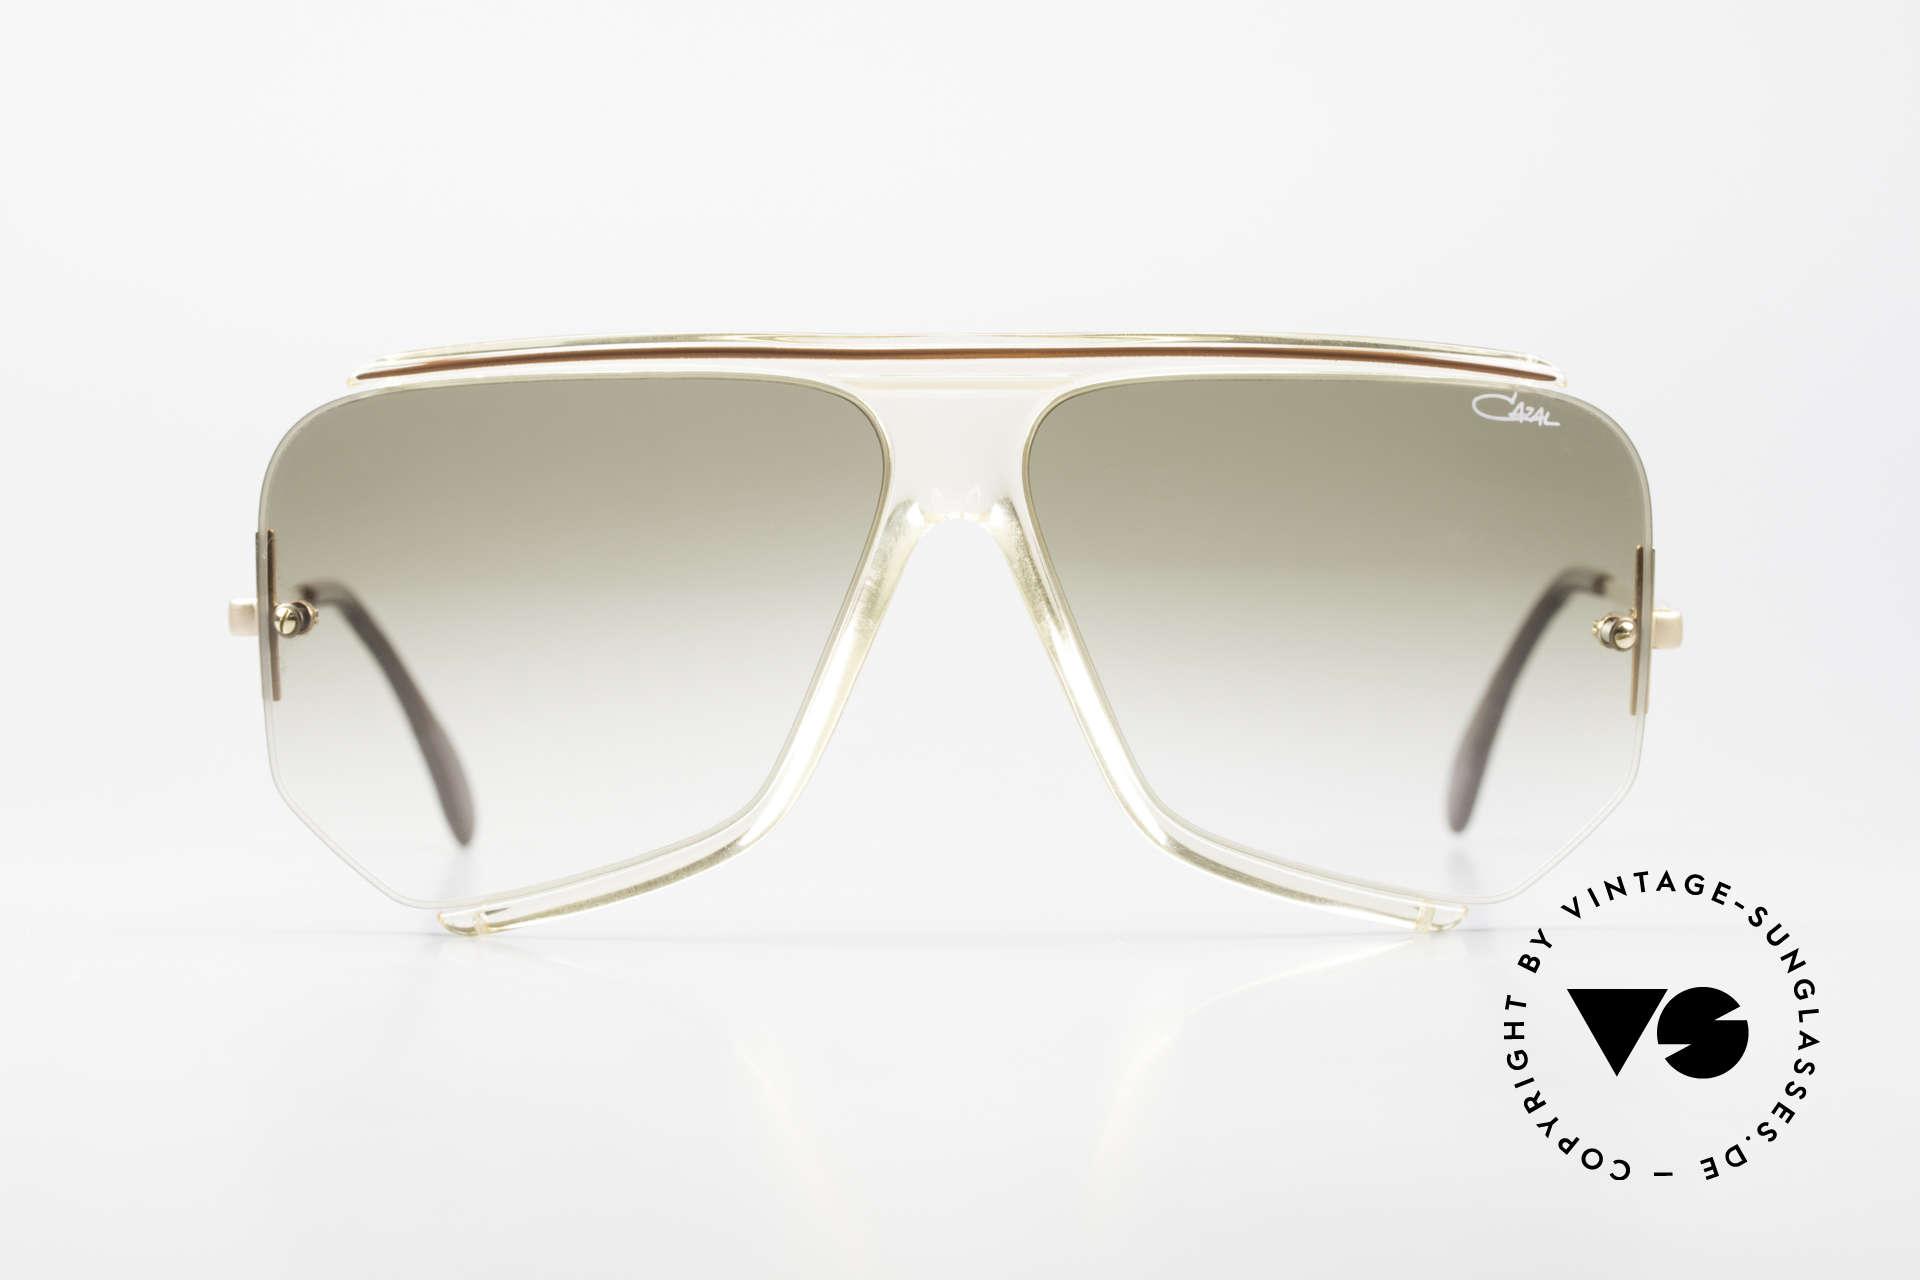 Cazal 850 Old School 80's Sunglasses, unique designer shades by CAri ZALloni (CAZAL), Made for Men